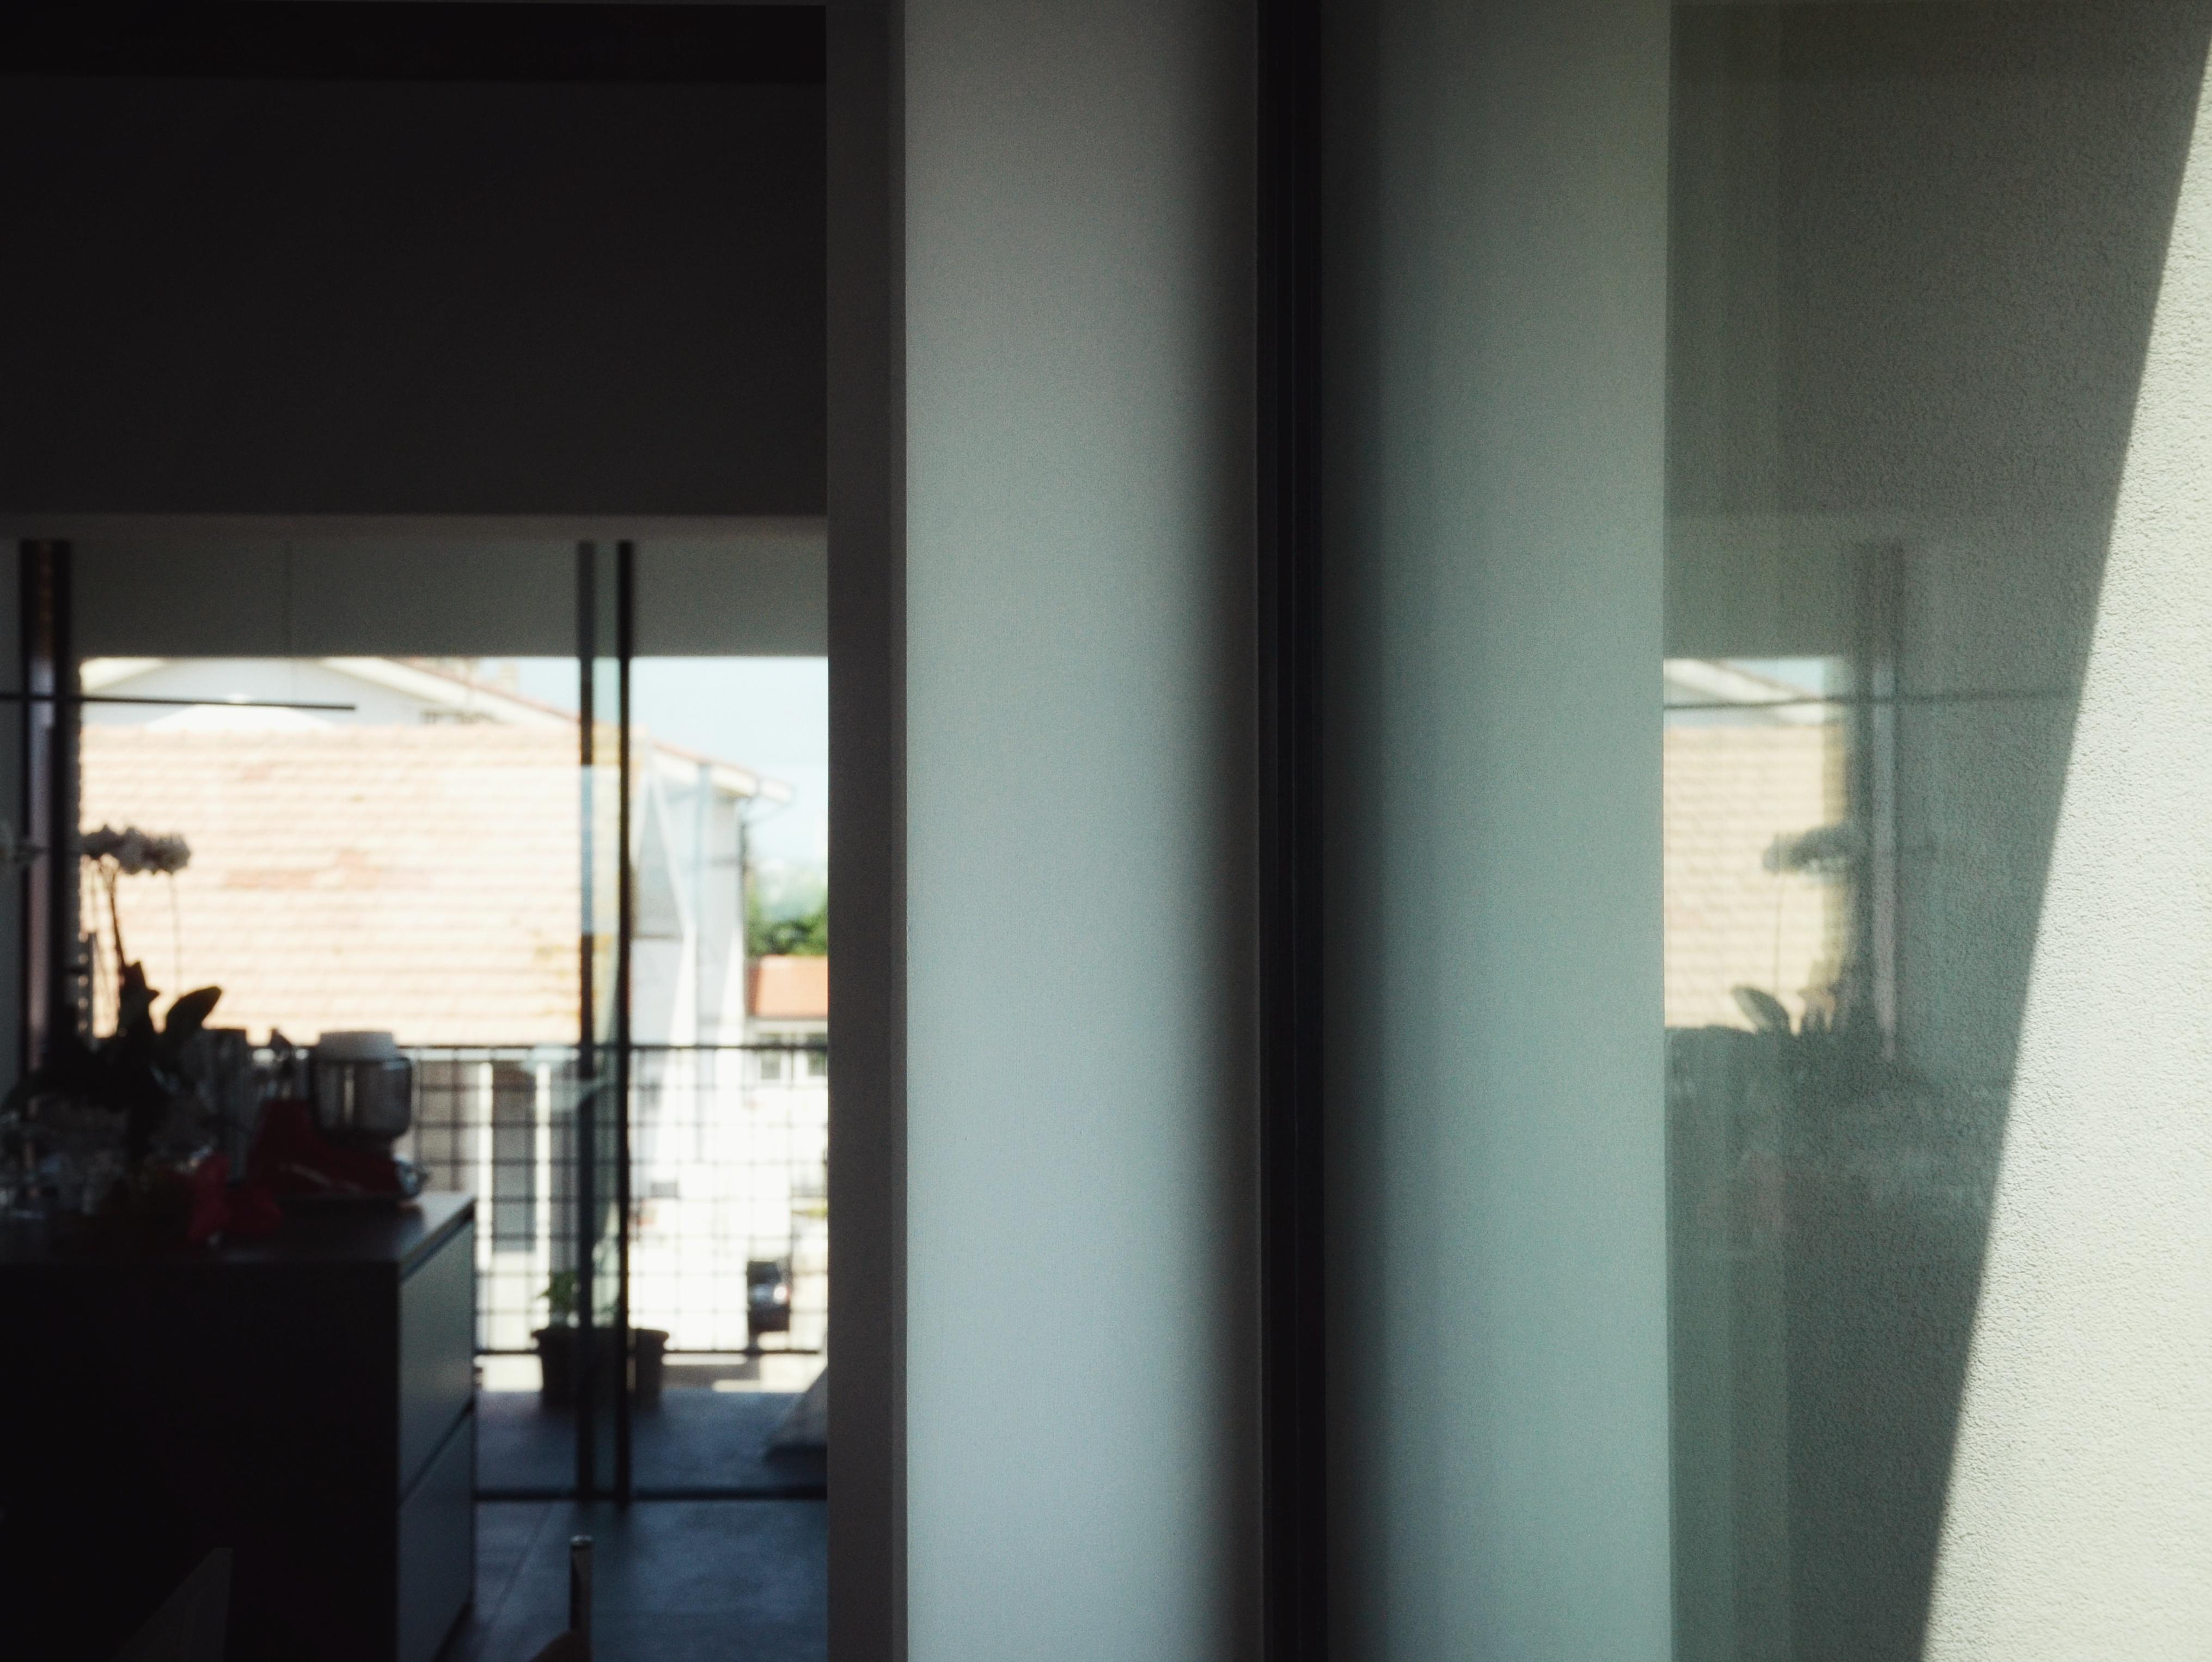 casa MTT FF dettaglio luci ed ombre dalla grandi vetrate